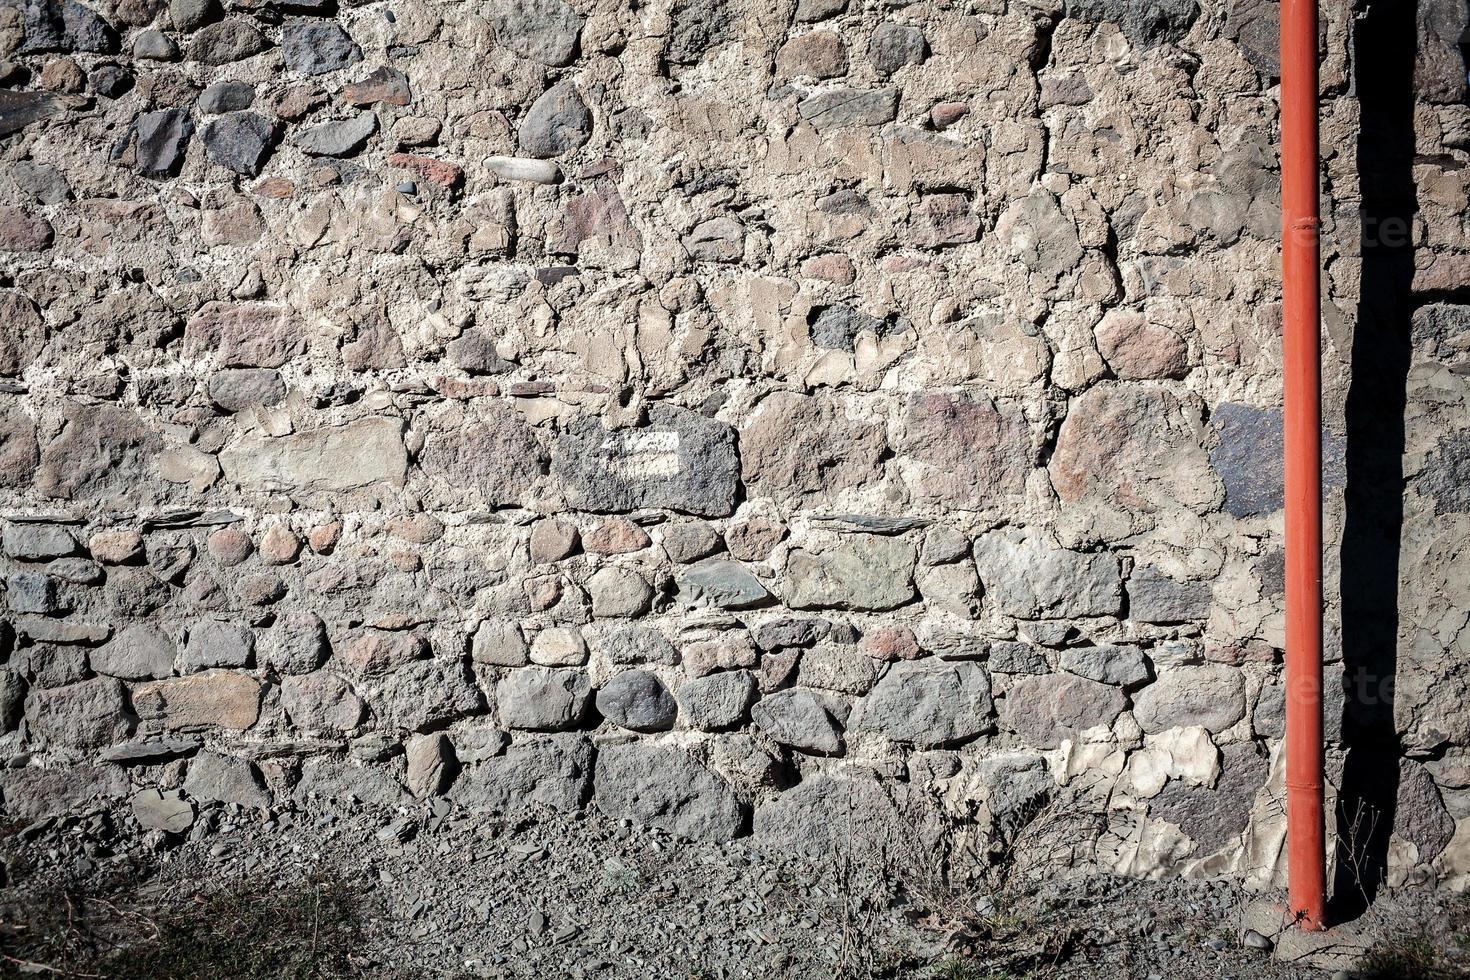 alte Steinmauer und Rohr foto